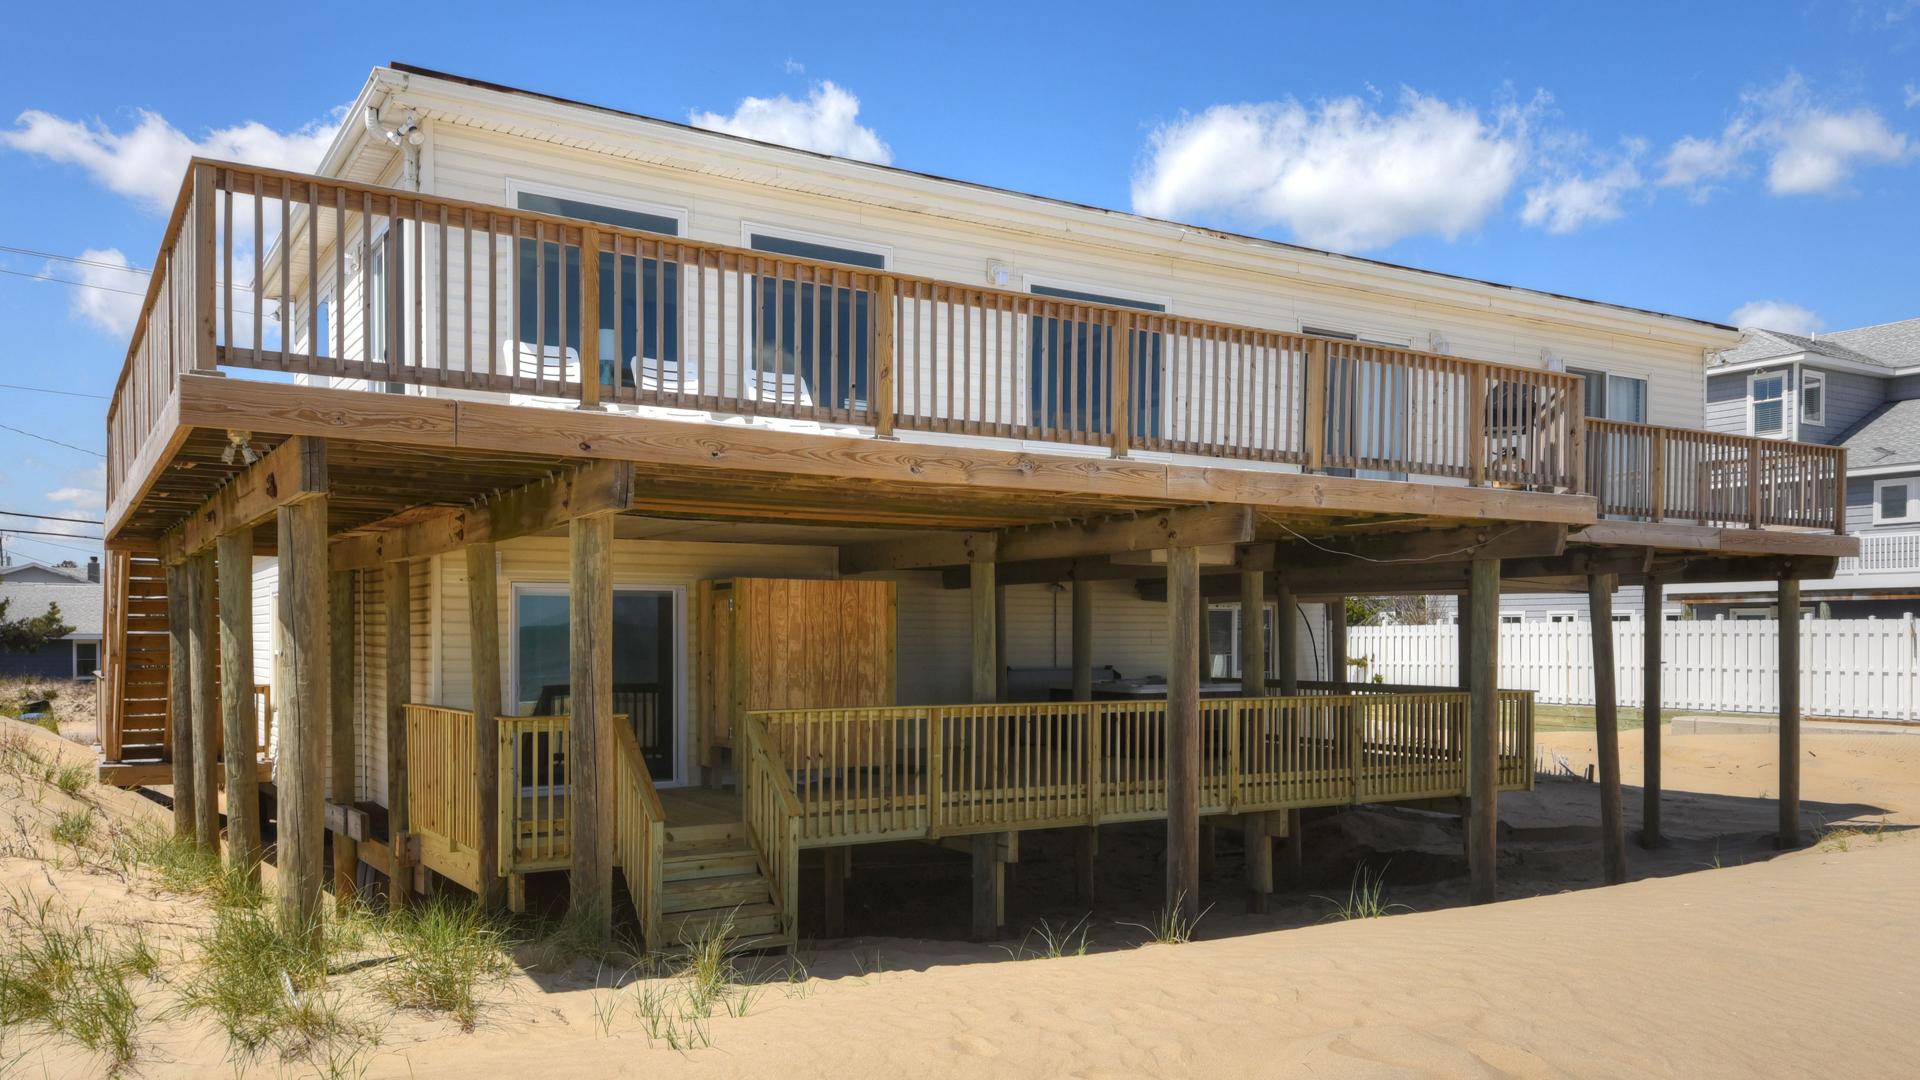 Sandbox 7 Bedroom Sandbridge Beach Rental Sandbridge Beach